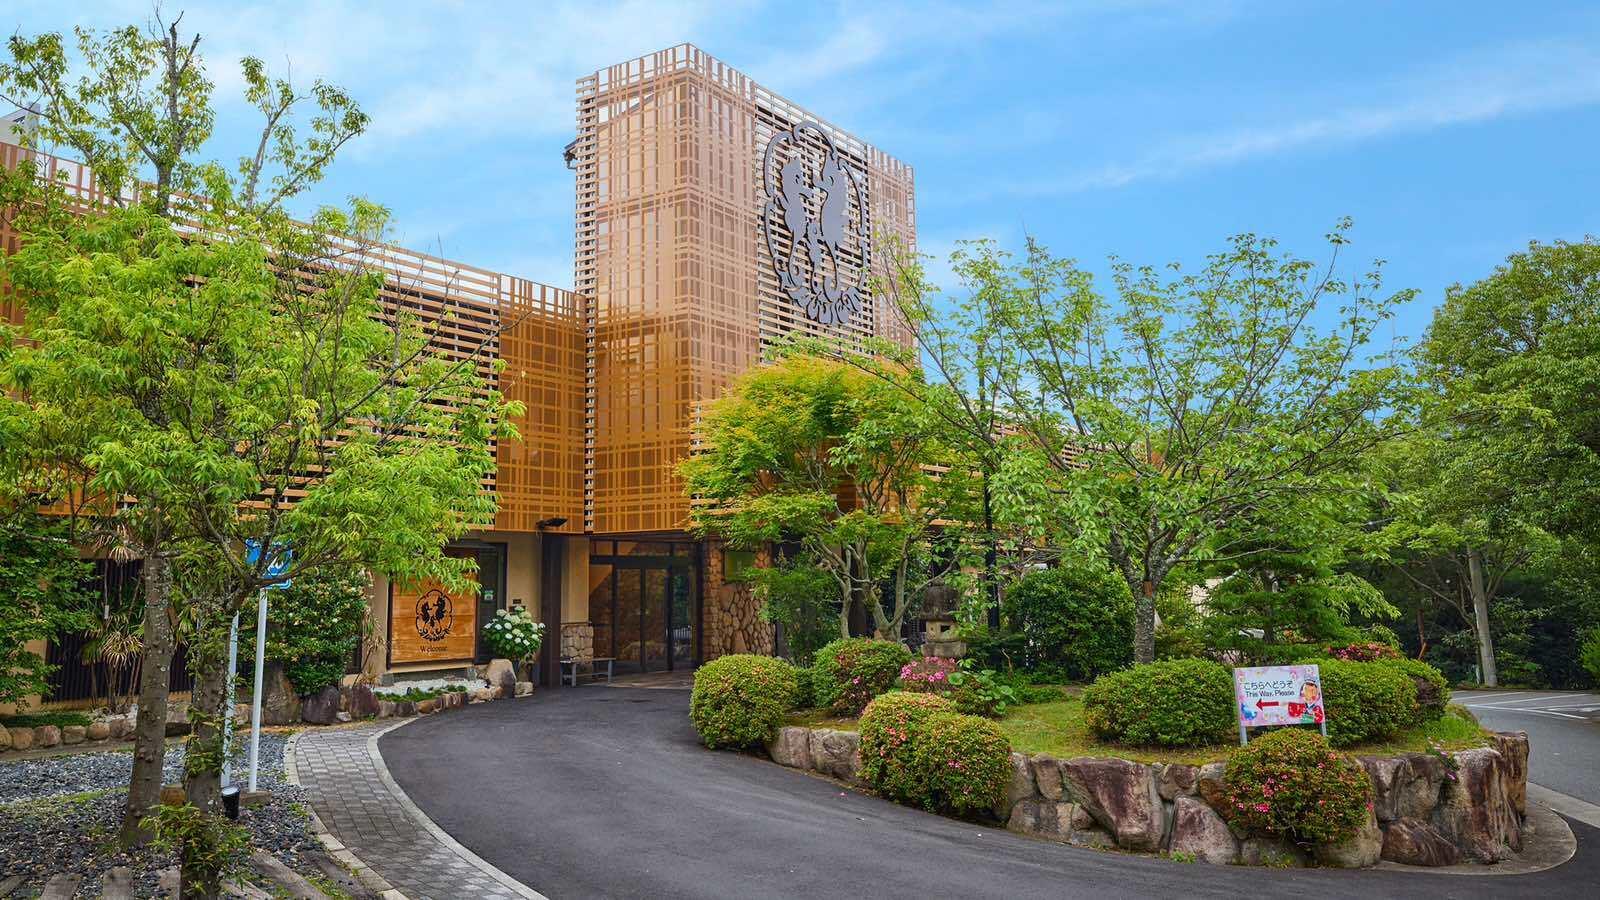 観光で、兵庫県に行きます。学生にお得なプランがある温泉旅館を教えて!